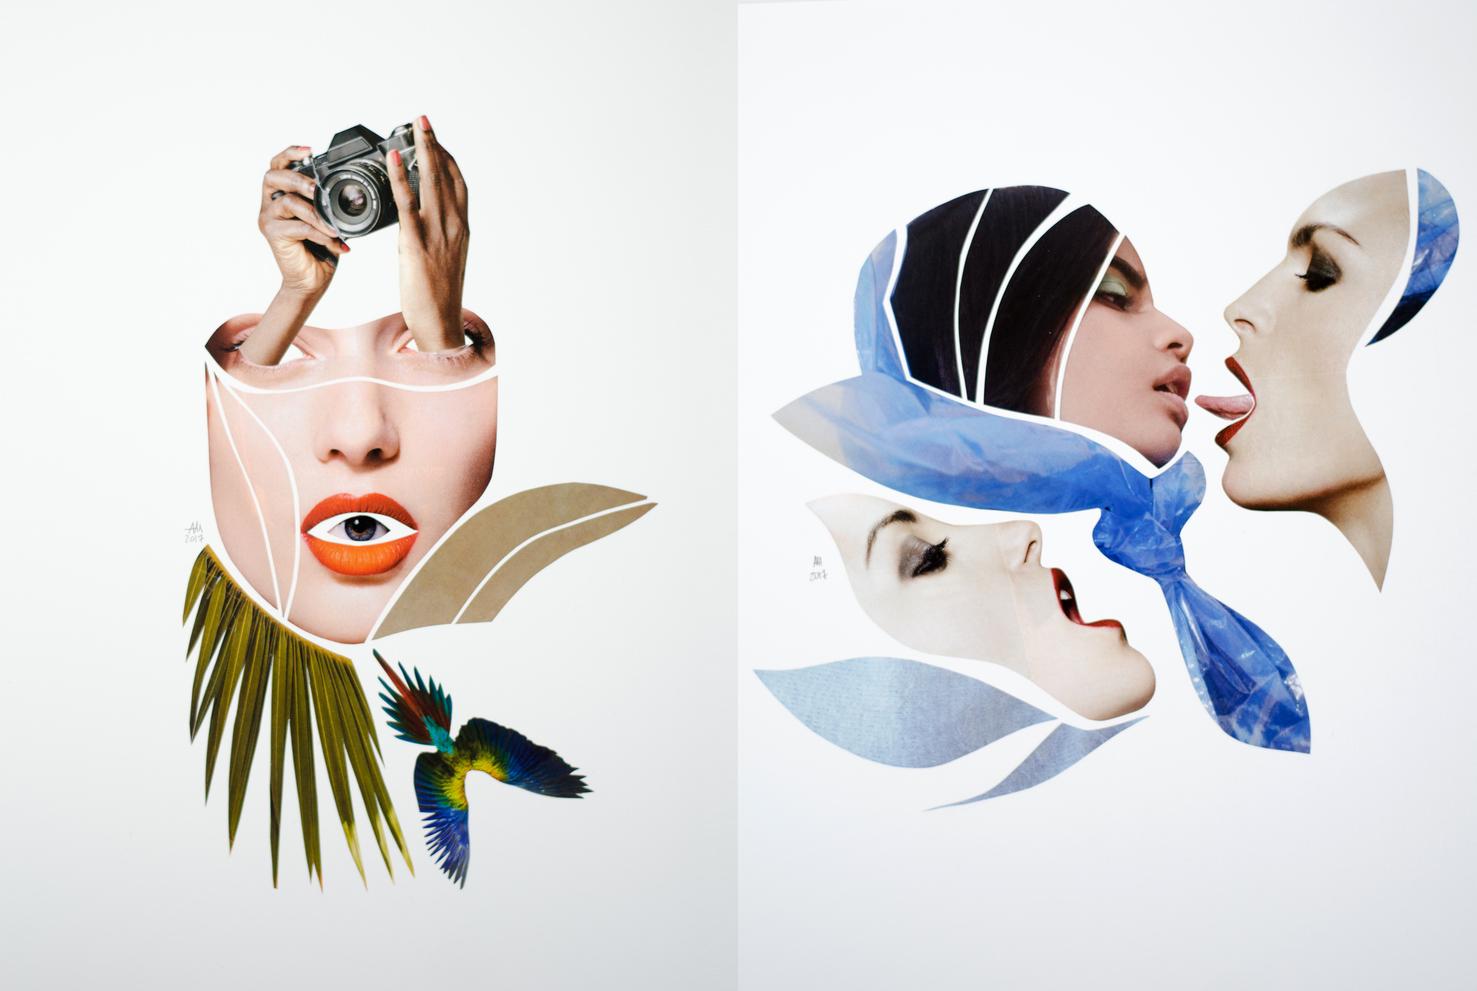 Sklejka z dwoch kolazy na pierwszym widzimy twarz z oczu wychodza rece trzymajace aparat fotograficzne natomiast w otwartych ustach jest oko pod twarza widzimy zielone liscie i ptaka drugi kolaz przedstawia trzy twarze kobiet wyrazajace rozne emocje miedzy nimi fragmenty oceanu